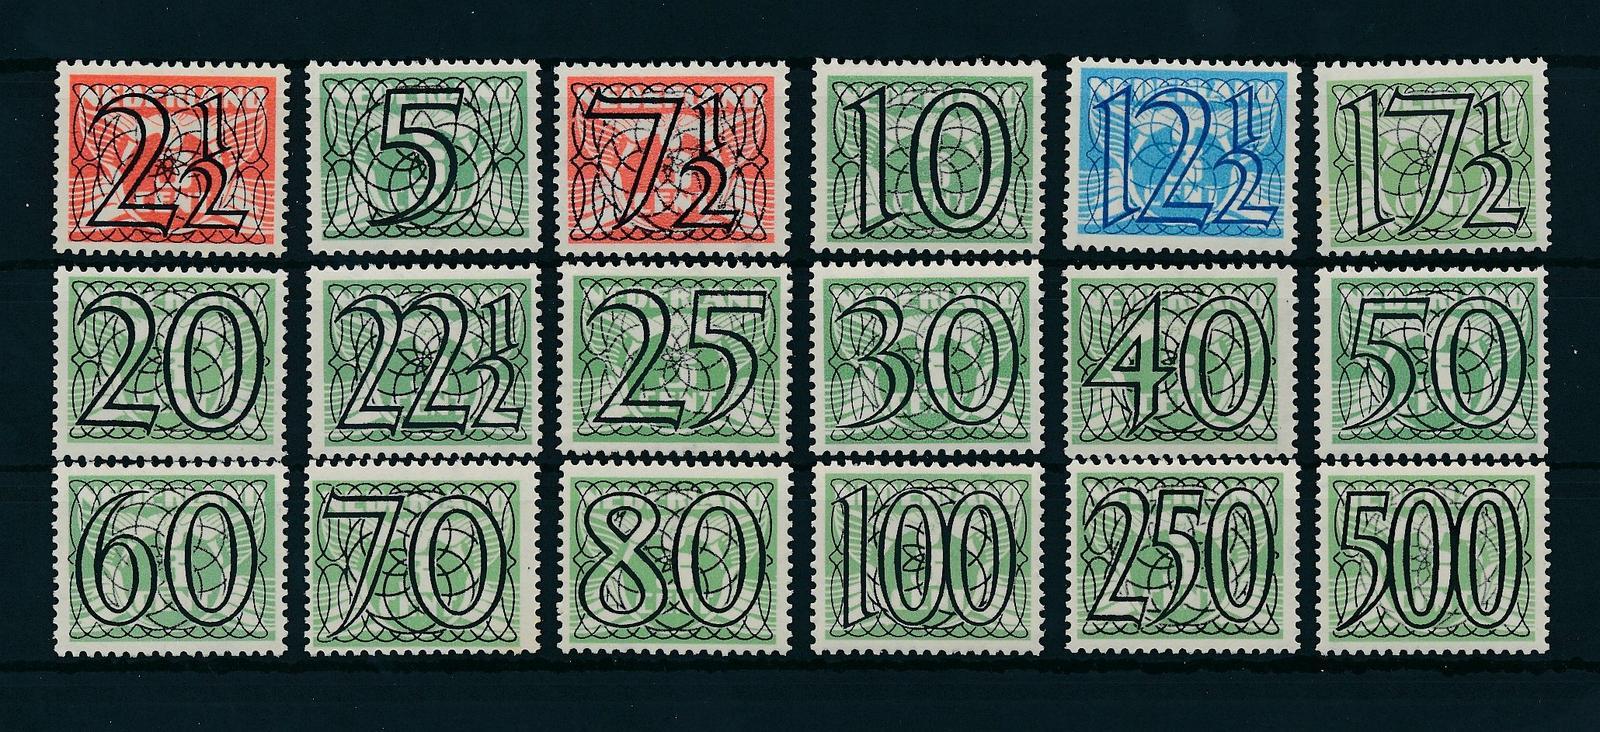 Nederland 1940 Frankeerzegels Tralie 18 waarden NVPH 356-73